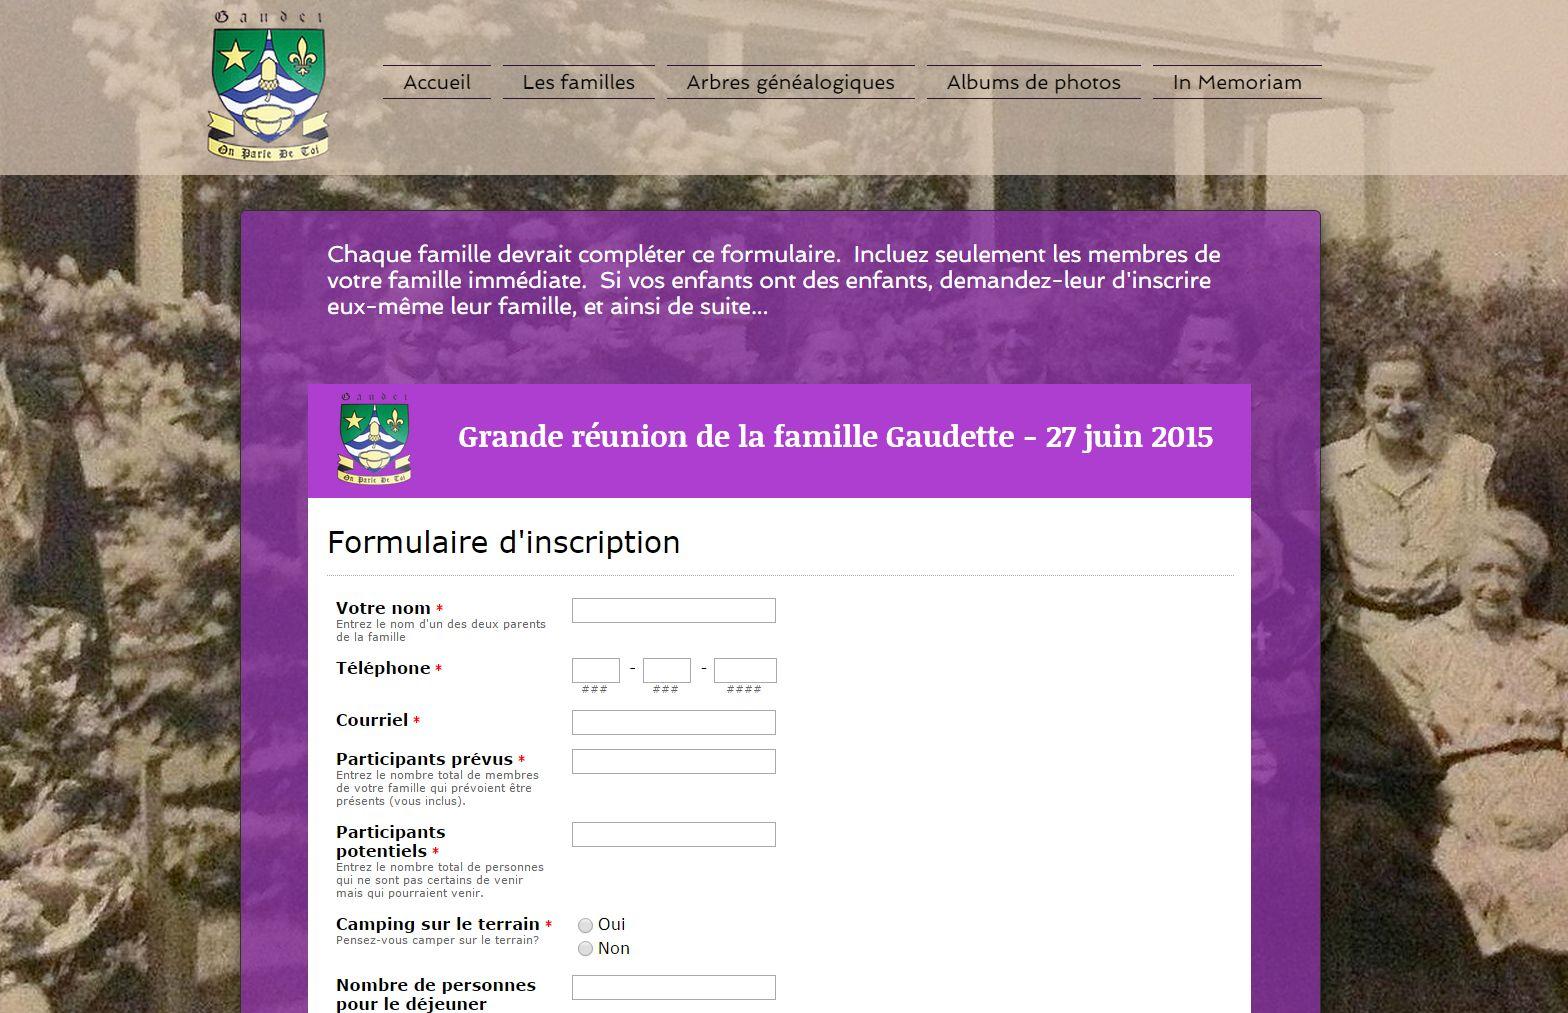 Formulaire d'inscription en ligne